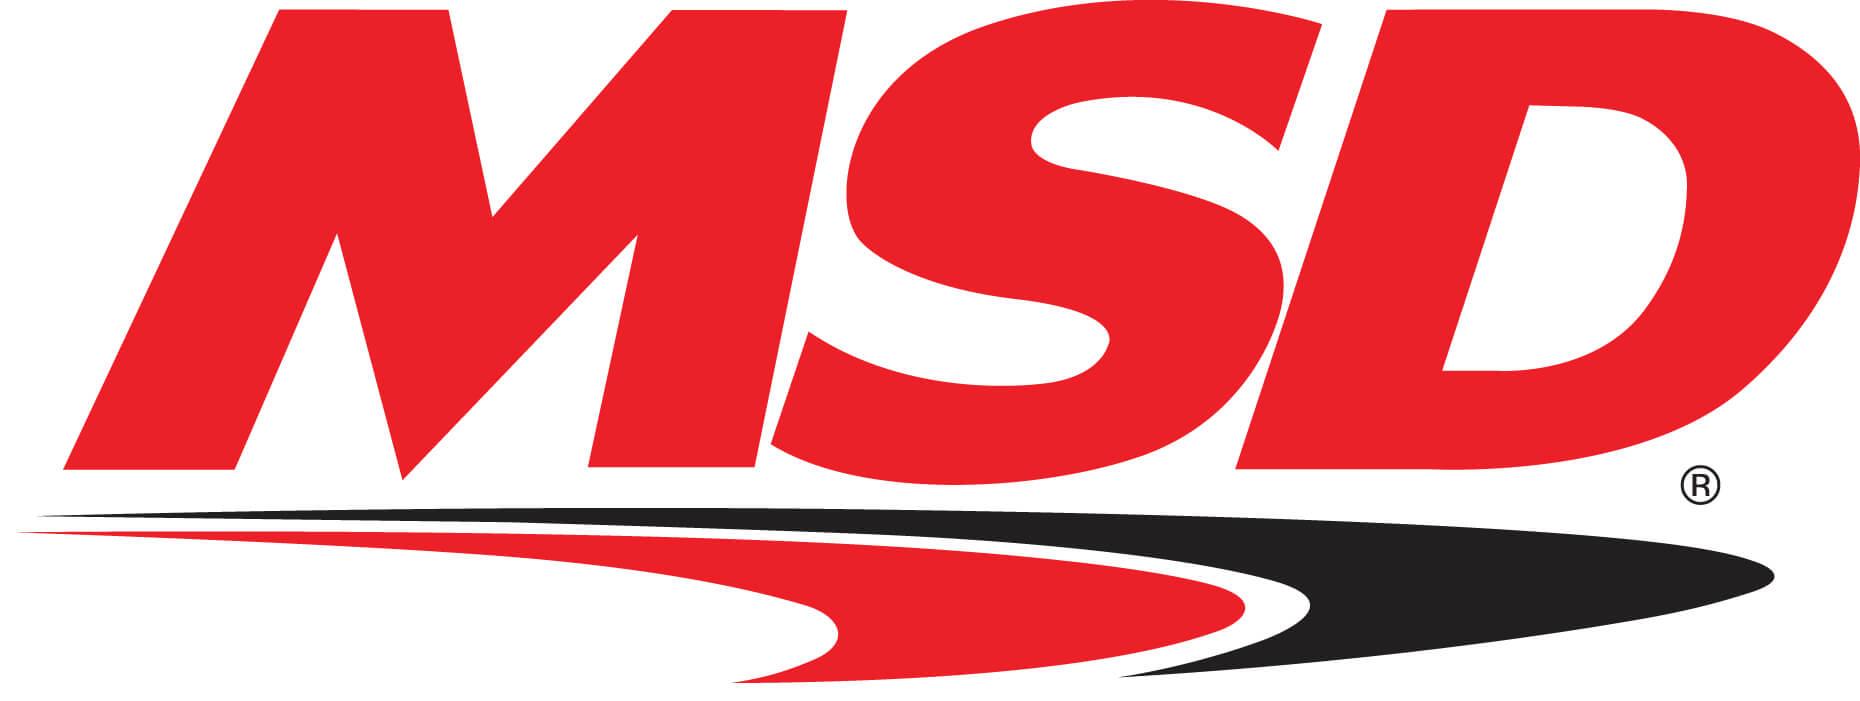 logo msdwhitebkg